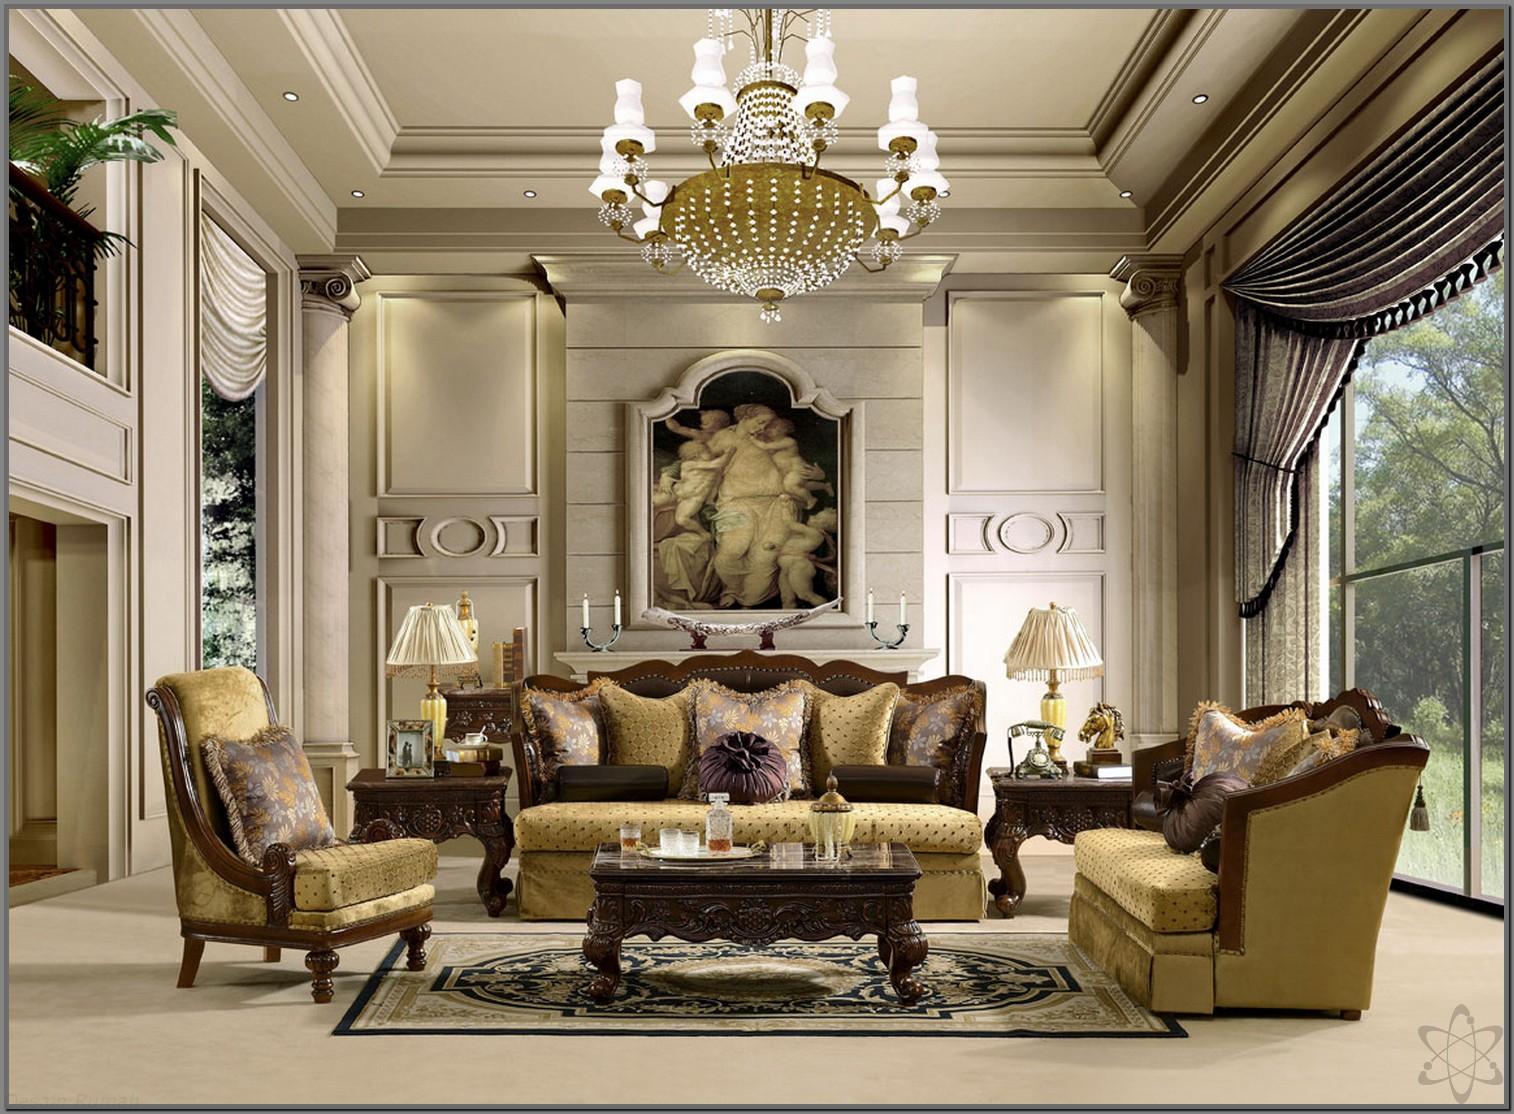 64 Ide Desain Interior Ruang Tamu Mewah Rumahku Unik